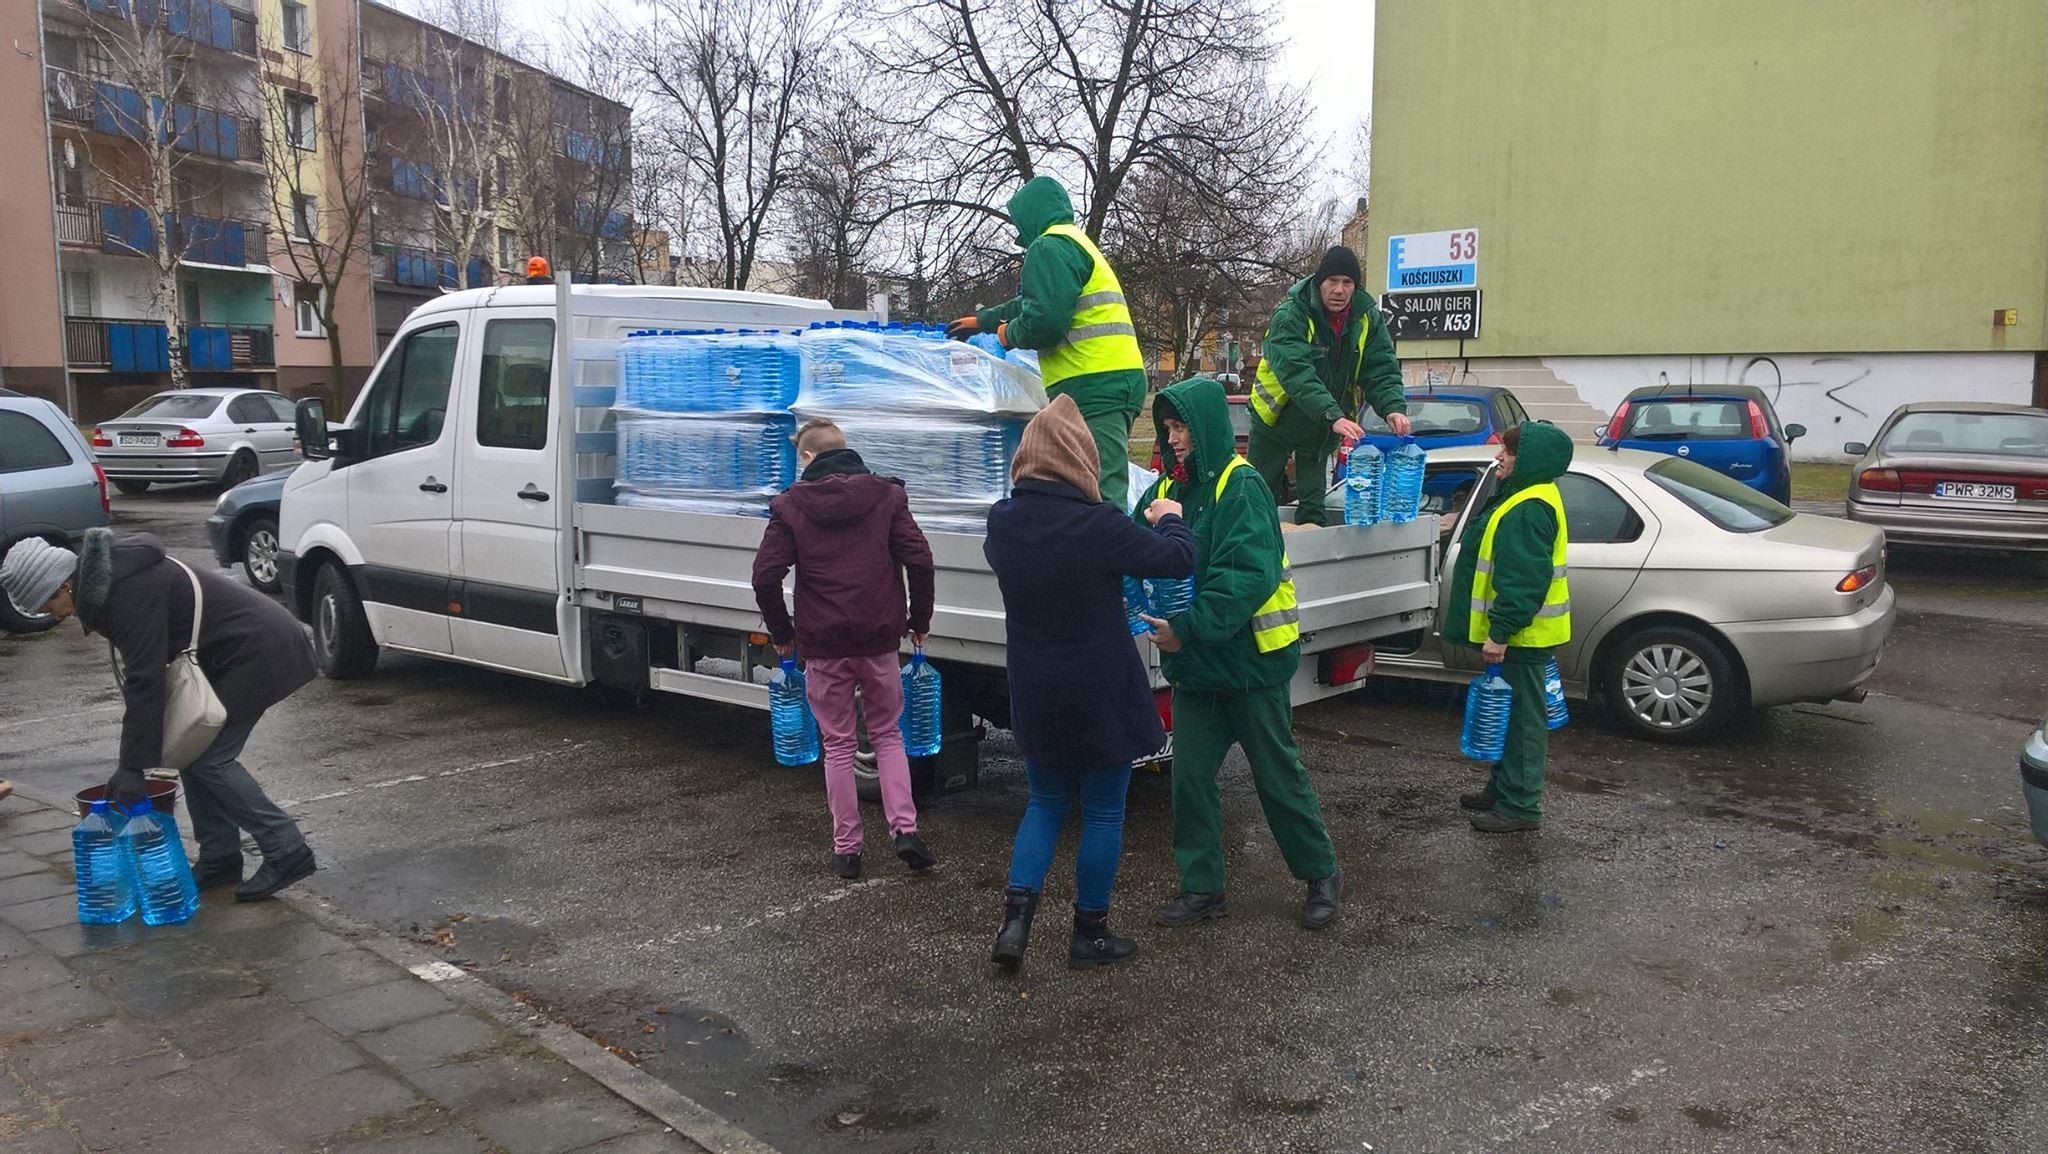 Skażona woda w rejonie trzech ulic we Wrześni